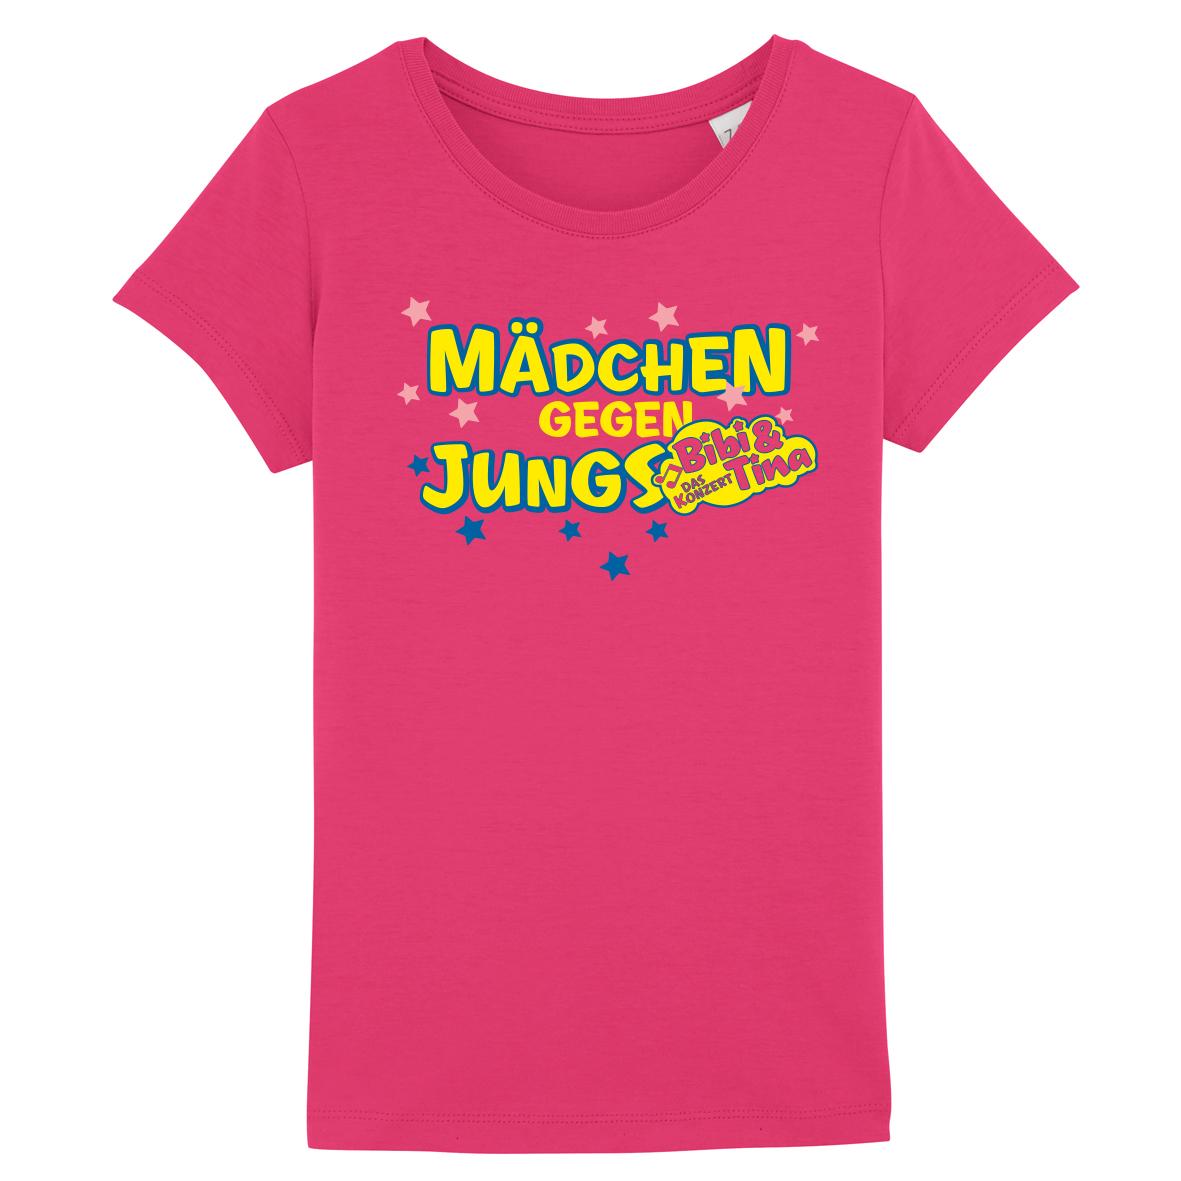 Bibi&Tina Mädchen gegen Jungs Shirt Kids T-Shirt, pink/raspberry